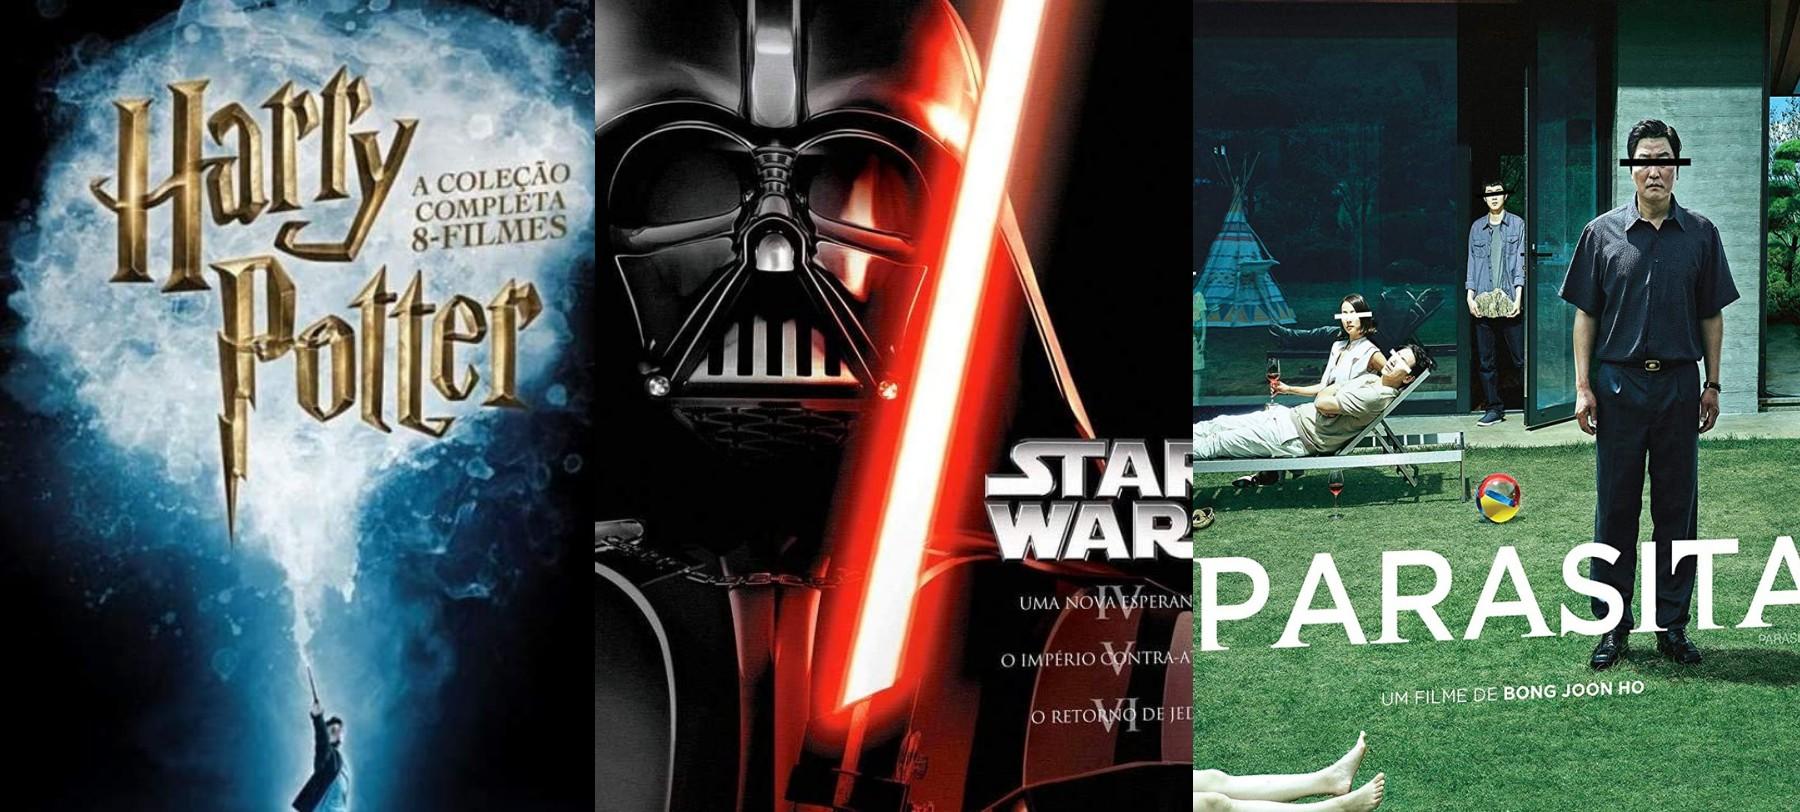 Harry Potter, Star Wars e mais: sete filmes de sucesso para colecionar (Foto: Reprodução)